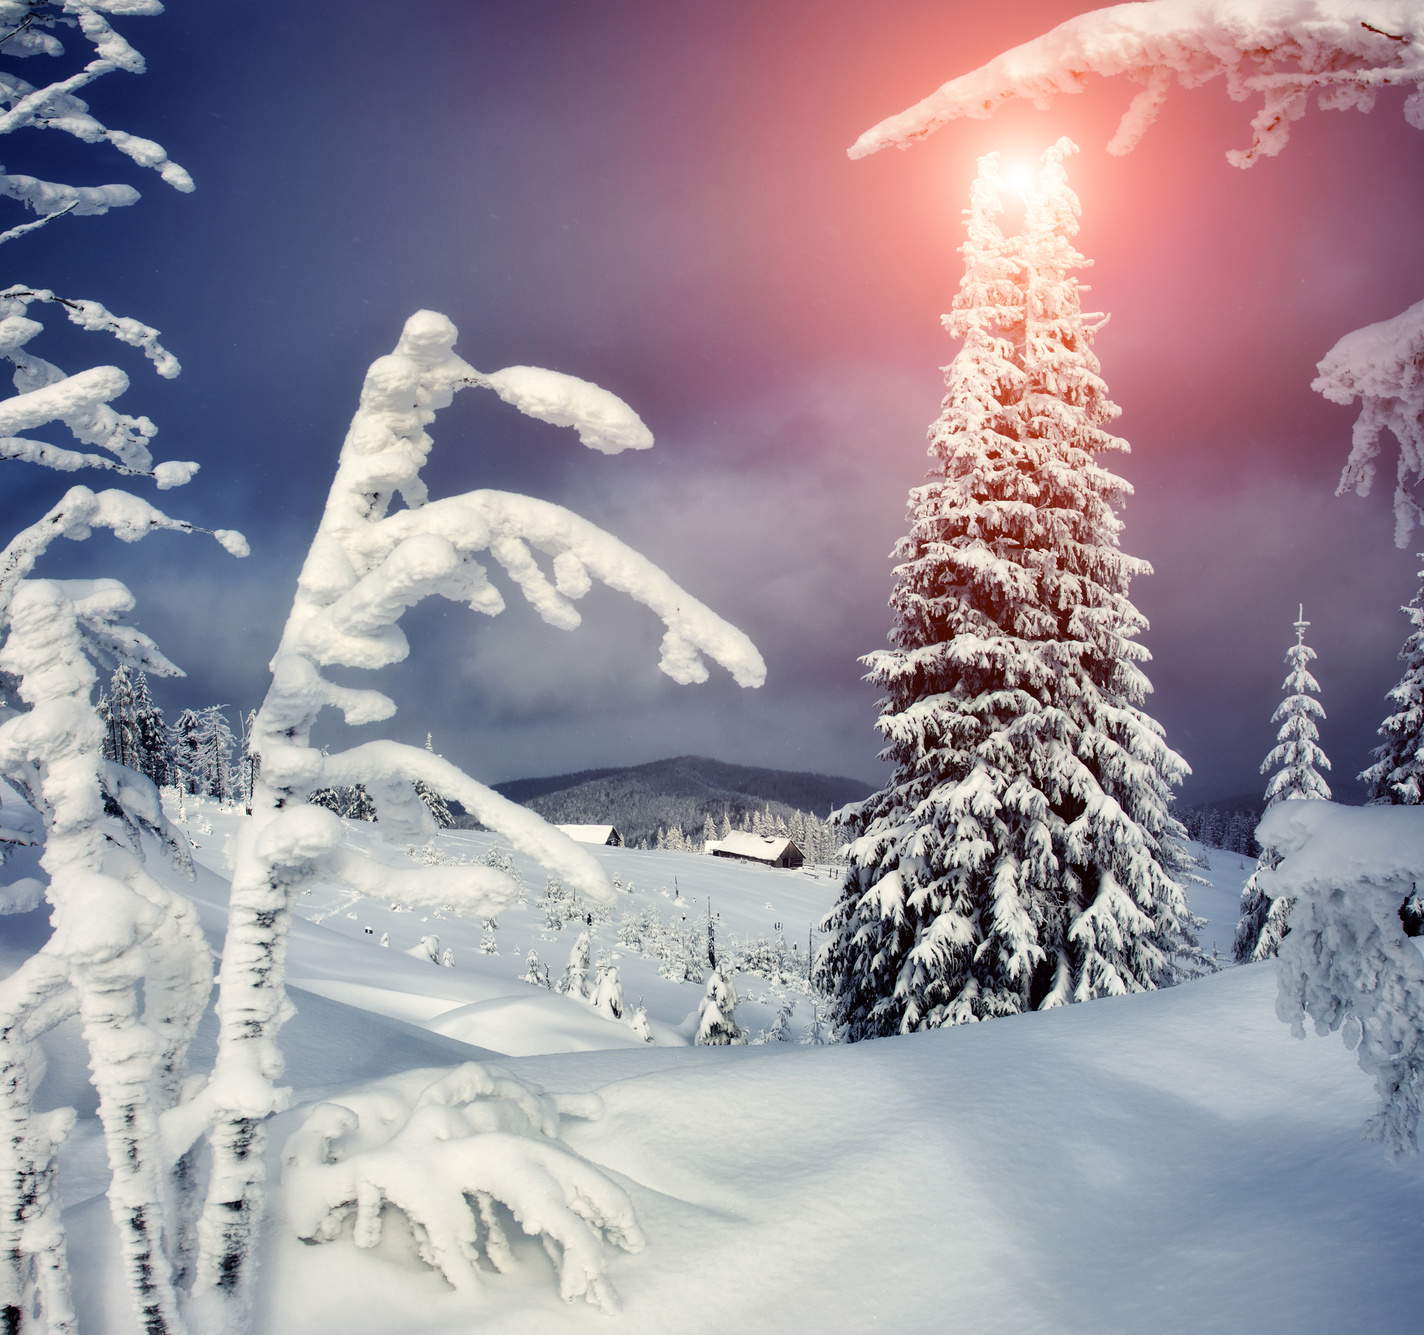 Tief verschneite, hügelige Winterlandschaft mit Zweigen im Vordergrund und einem markanten Nadelbaum im Hintergrund, unter roter Abendsonne.